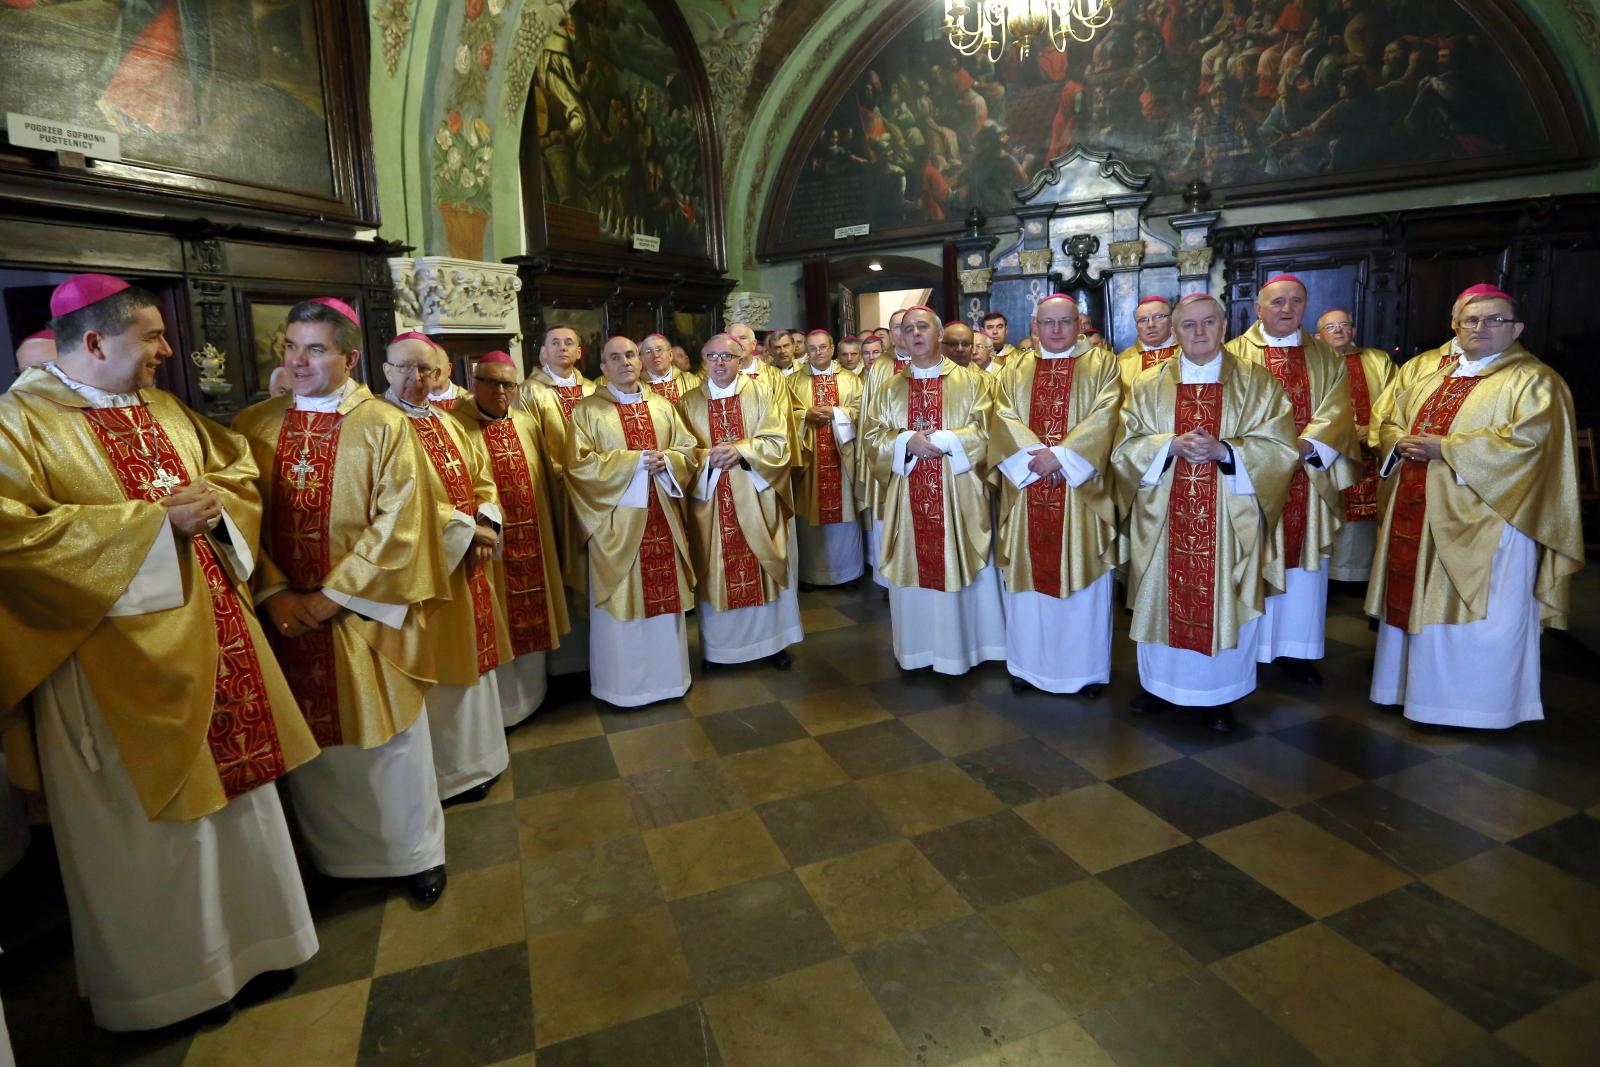 Biskupi podczas spotkania w ramach rekolekcji biskupów na Jasnej Górze. Fot. PAP/Waldemar Deska